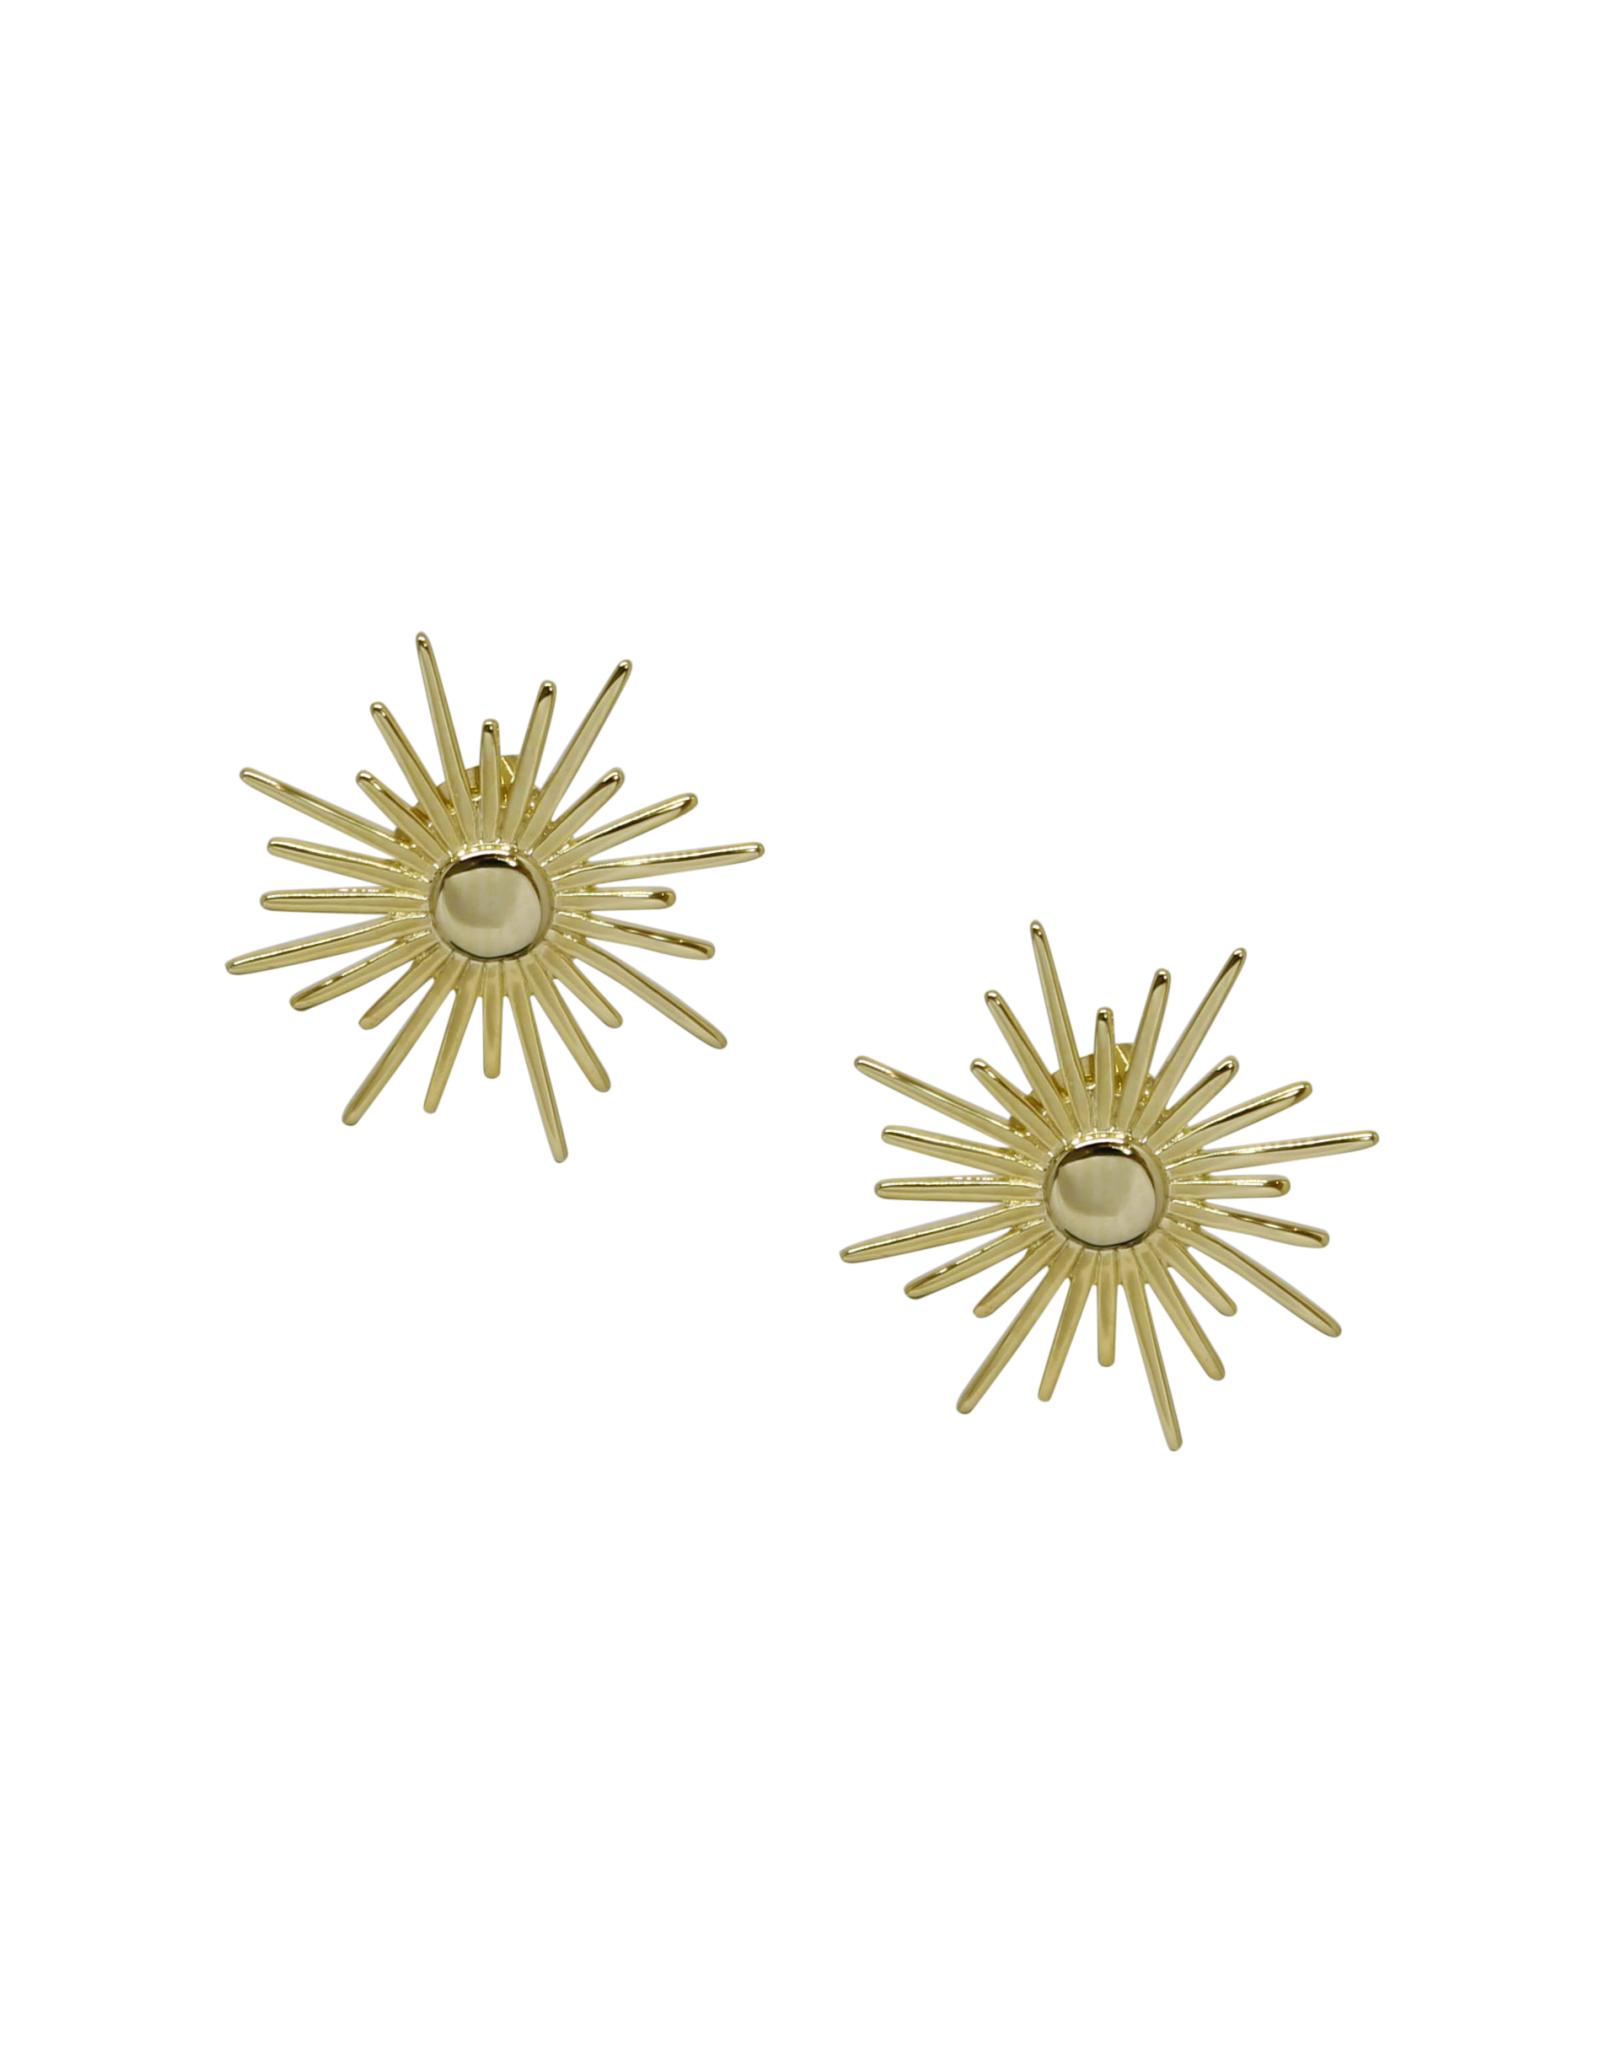 Vayu Jewels Solecito Studs